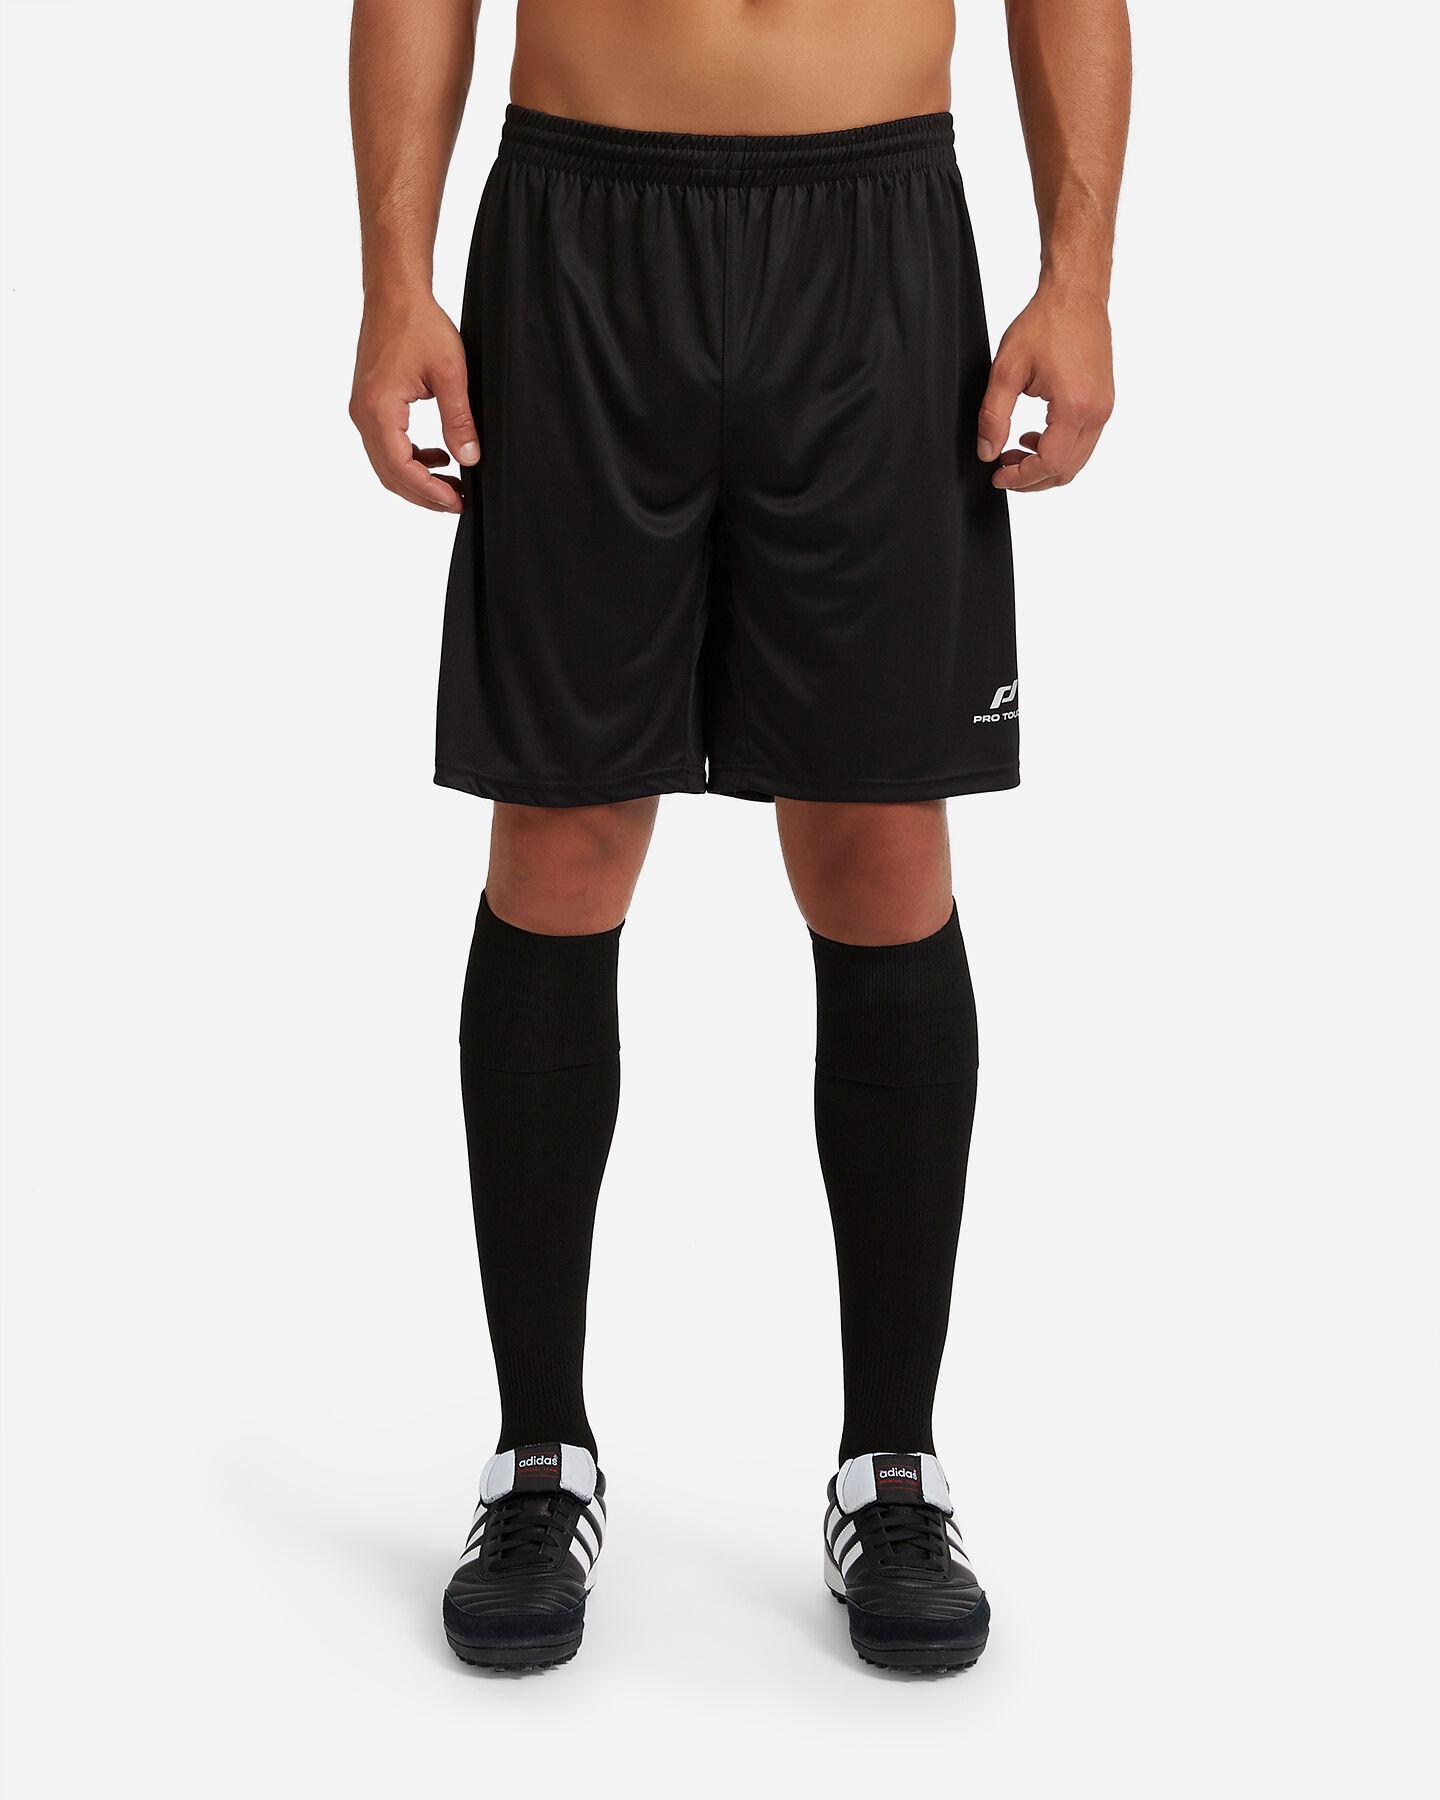 Pantaloncini calcio PRO TOUCH FOOTBALL PRO M S1160934 scatto 0